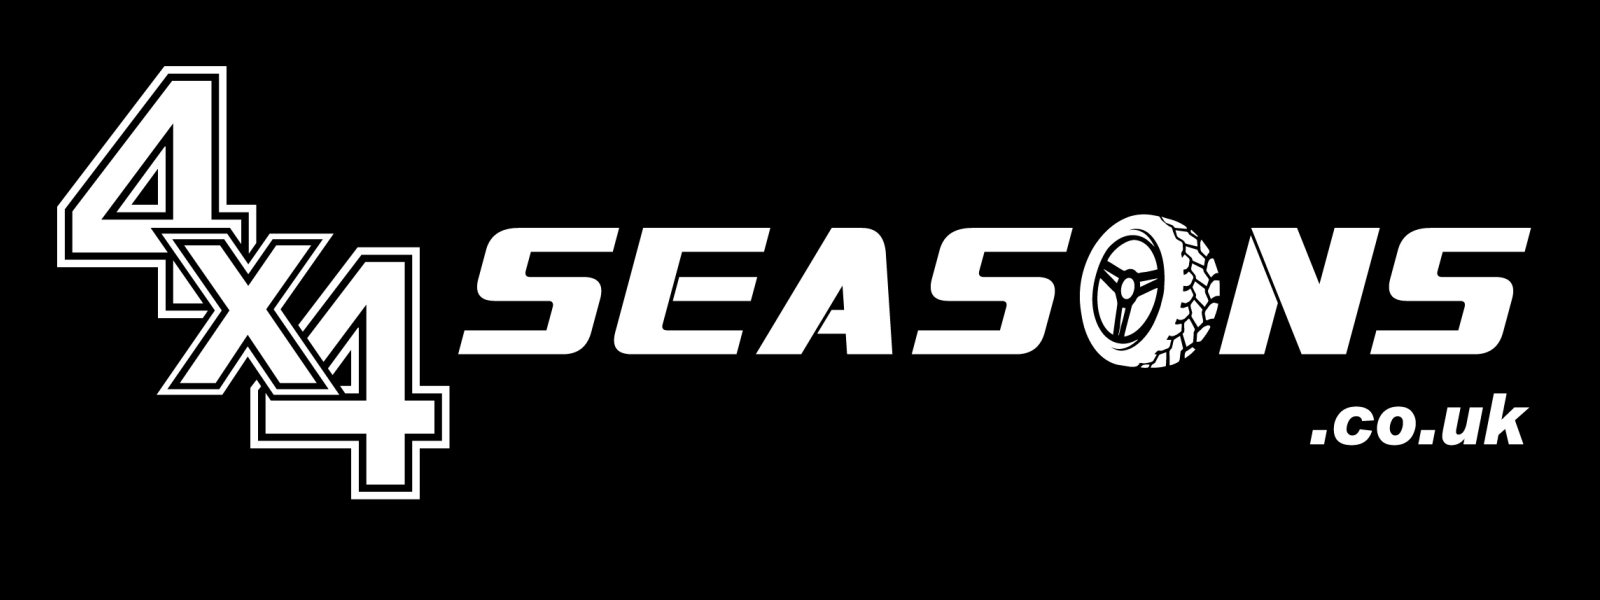 4X4 Seasons